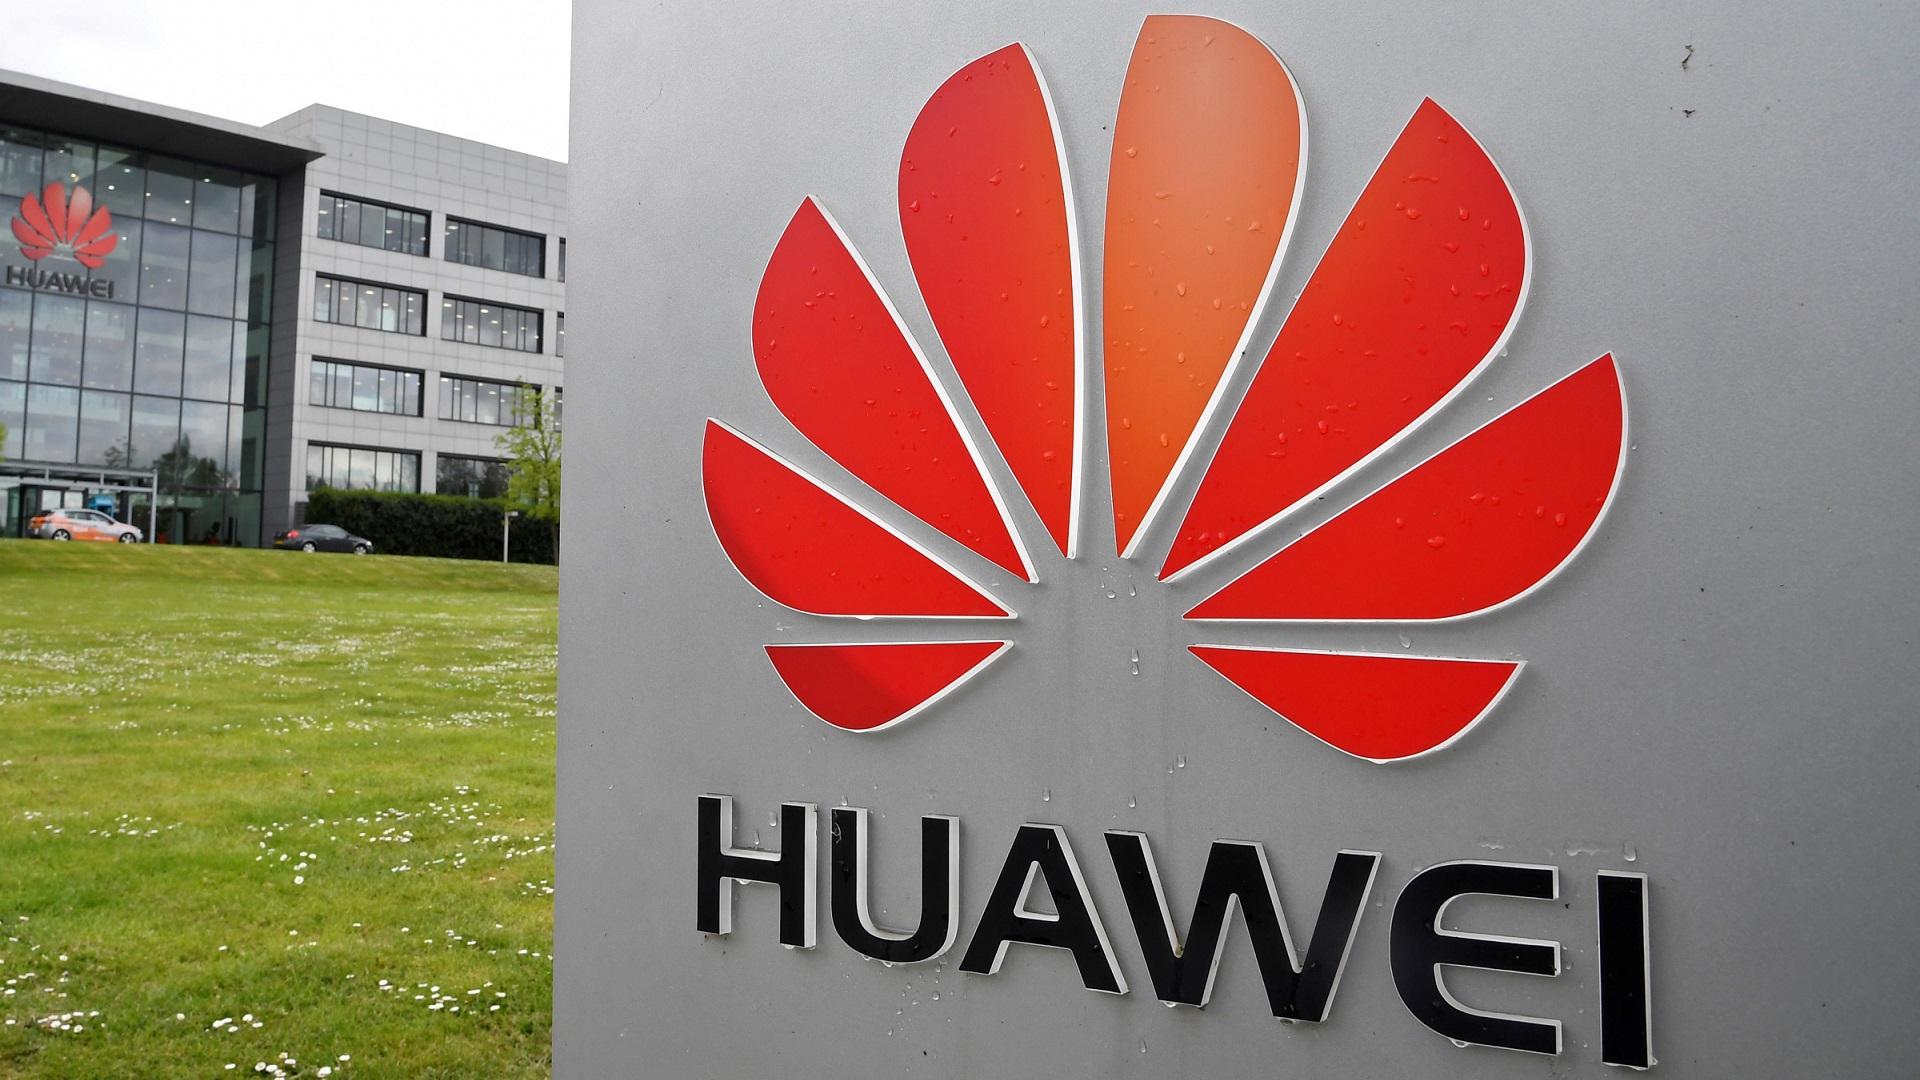 Eesti teeb homme teatavaks Huawei seadmete piirangu 5G võrkude loomisel